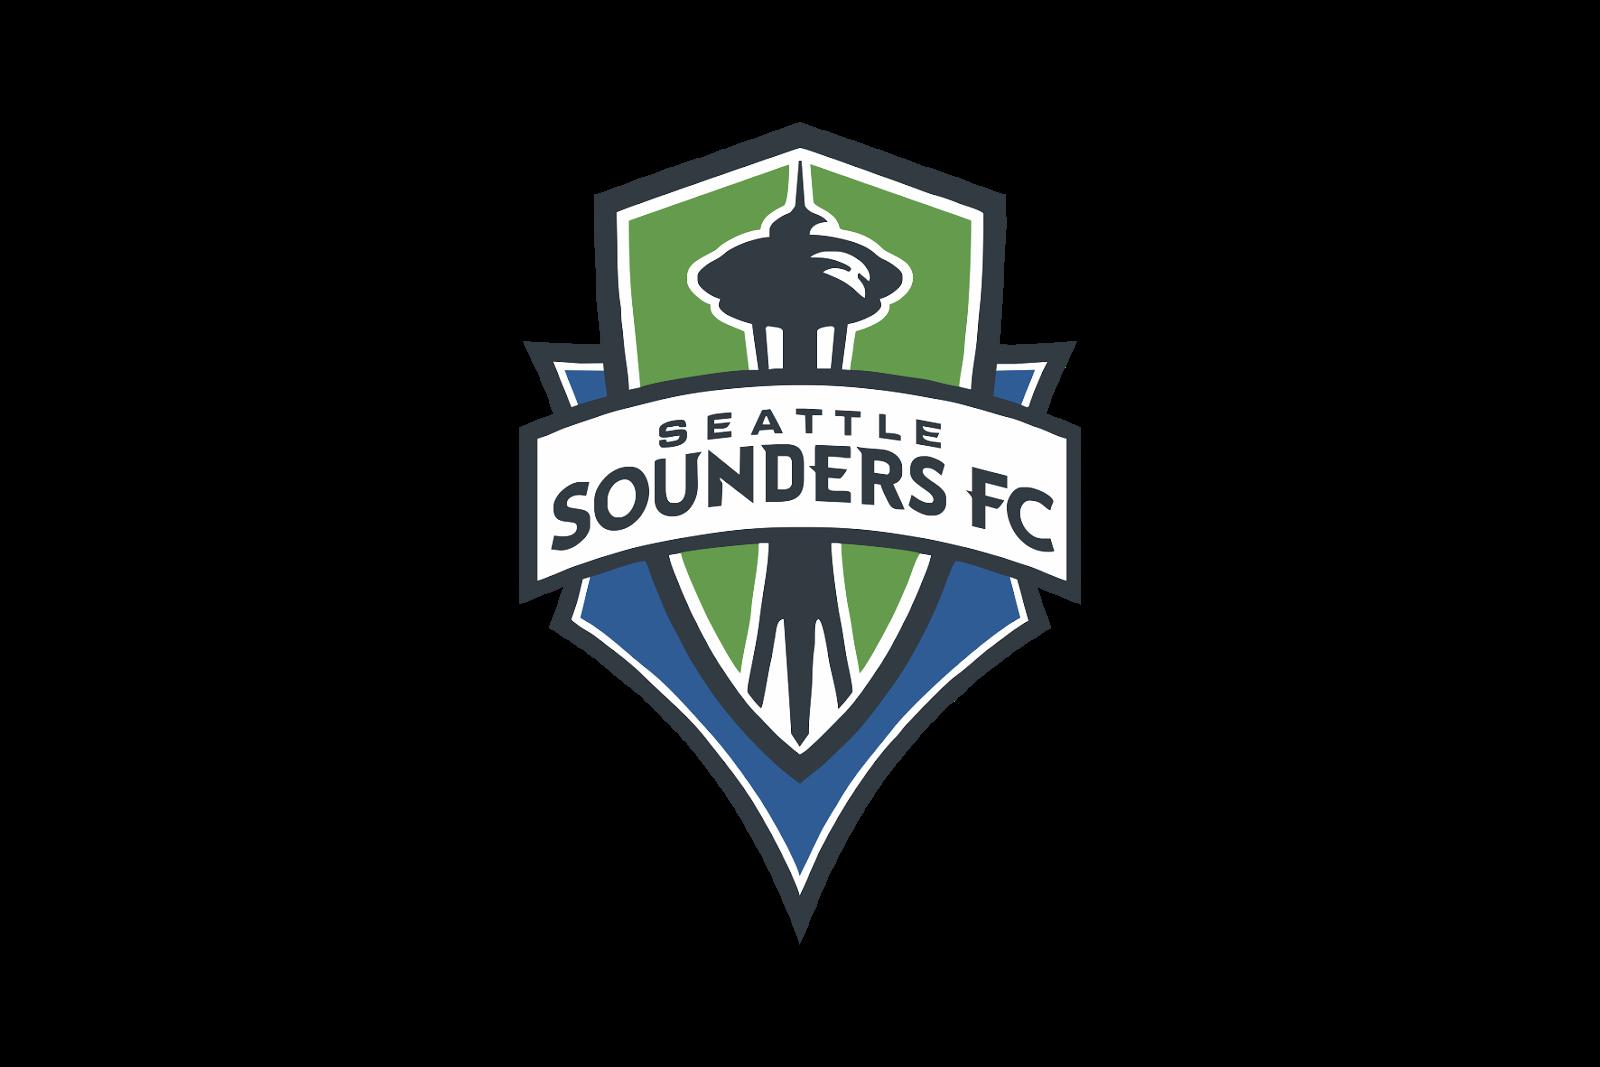 Seattle Sounders Address